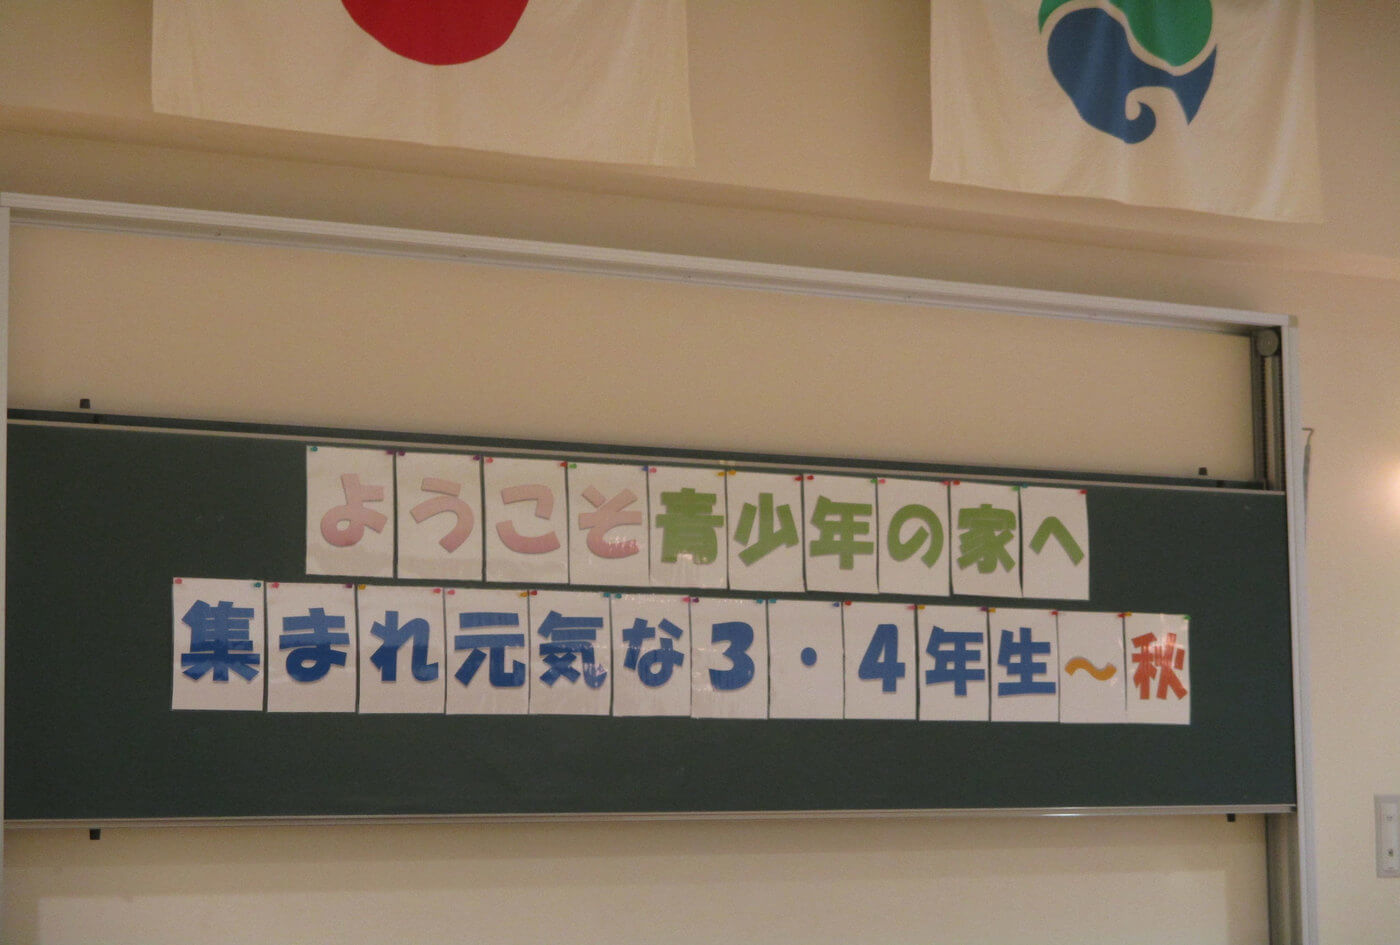 集まれ元気な3・4年生~冬~ | 静岡(浜松市立青少年の家)